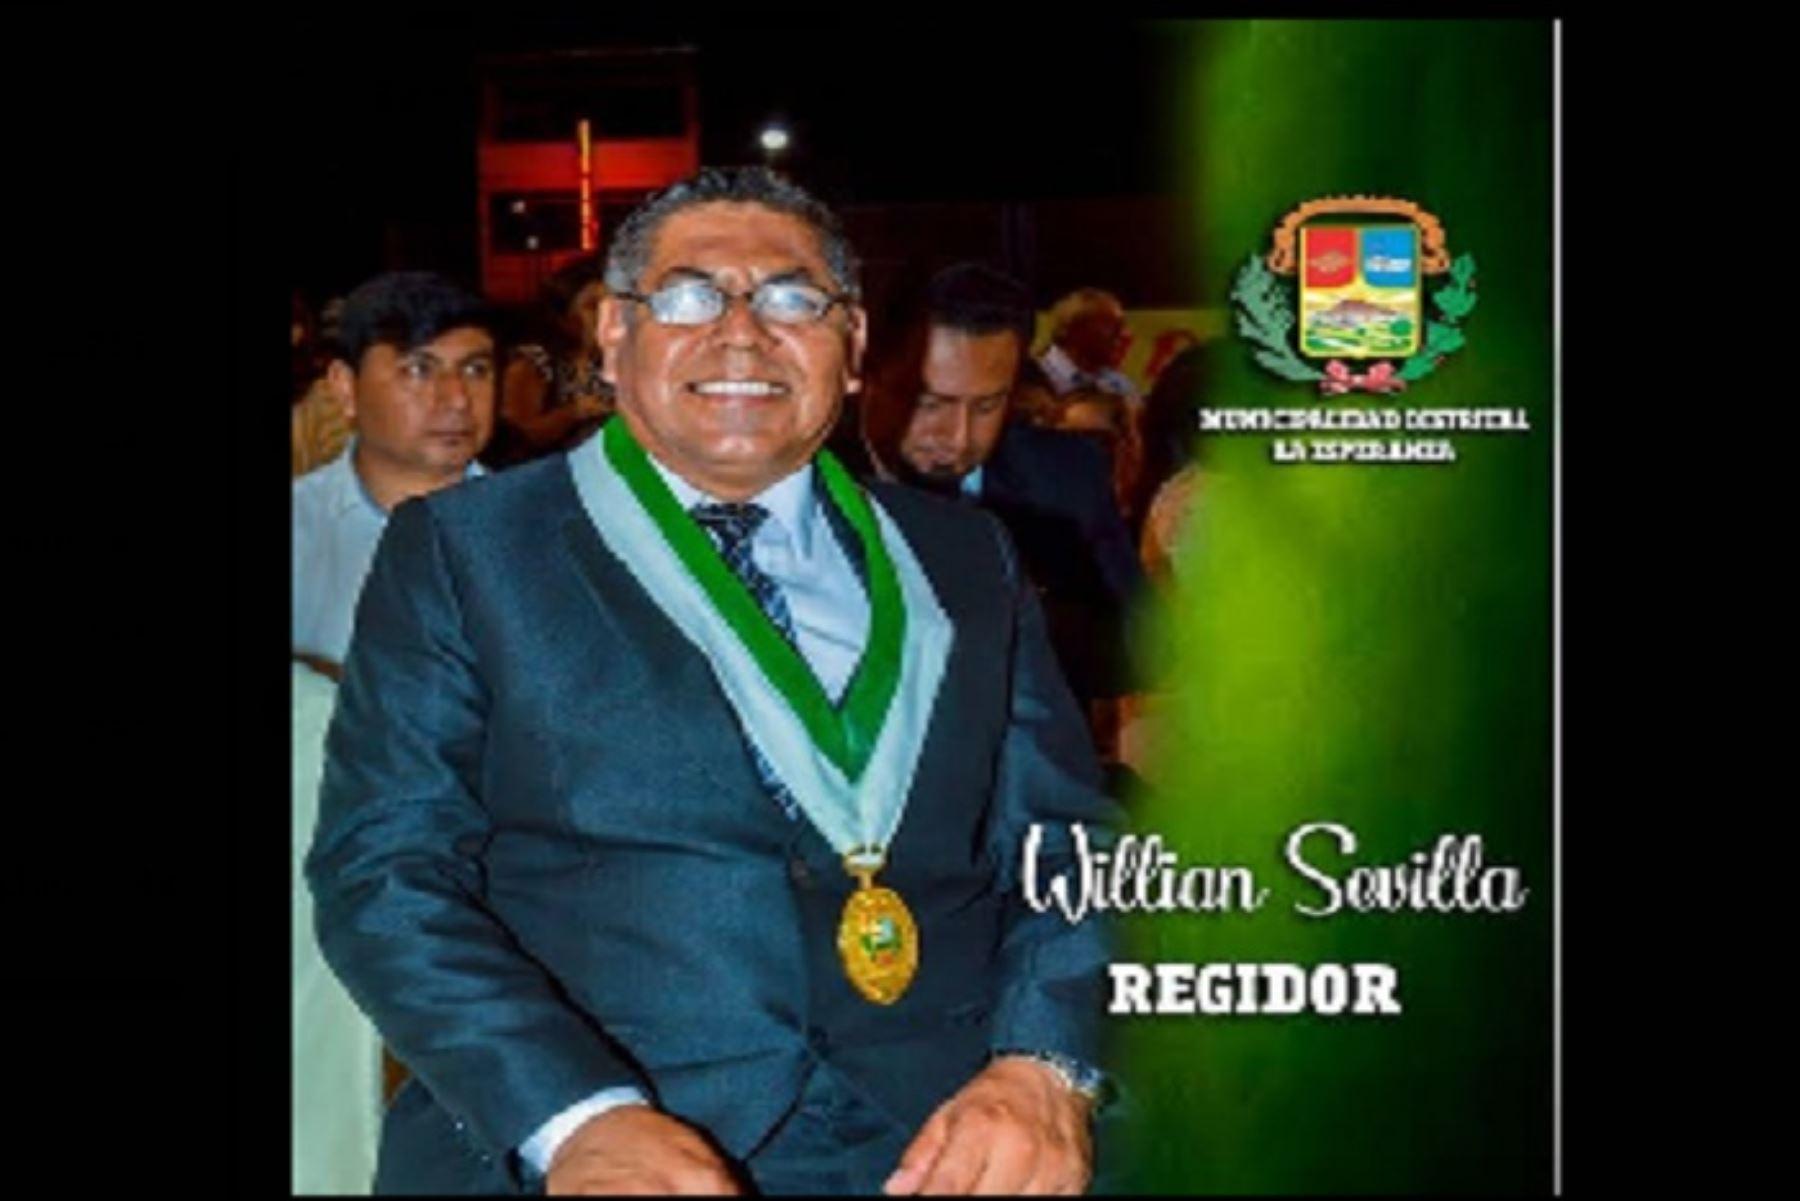 Regidor Ricardo William Sevilla Balbuena estuvo internado en el Hospital Regional Docente de Trujillo,